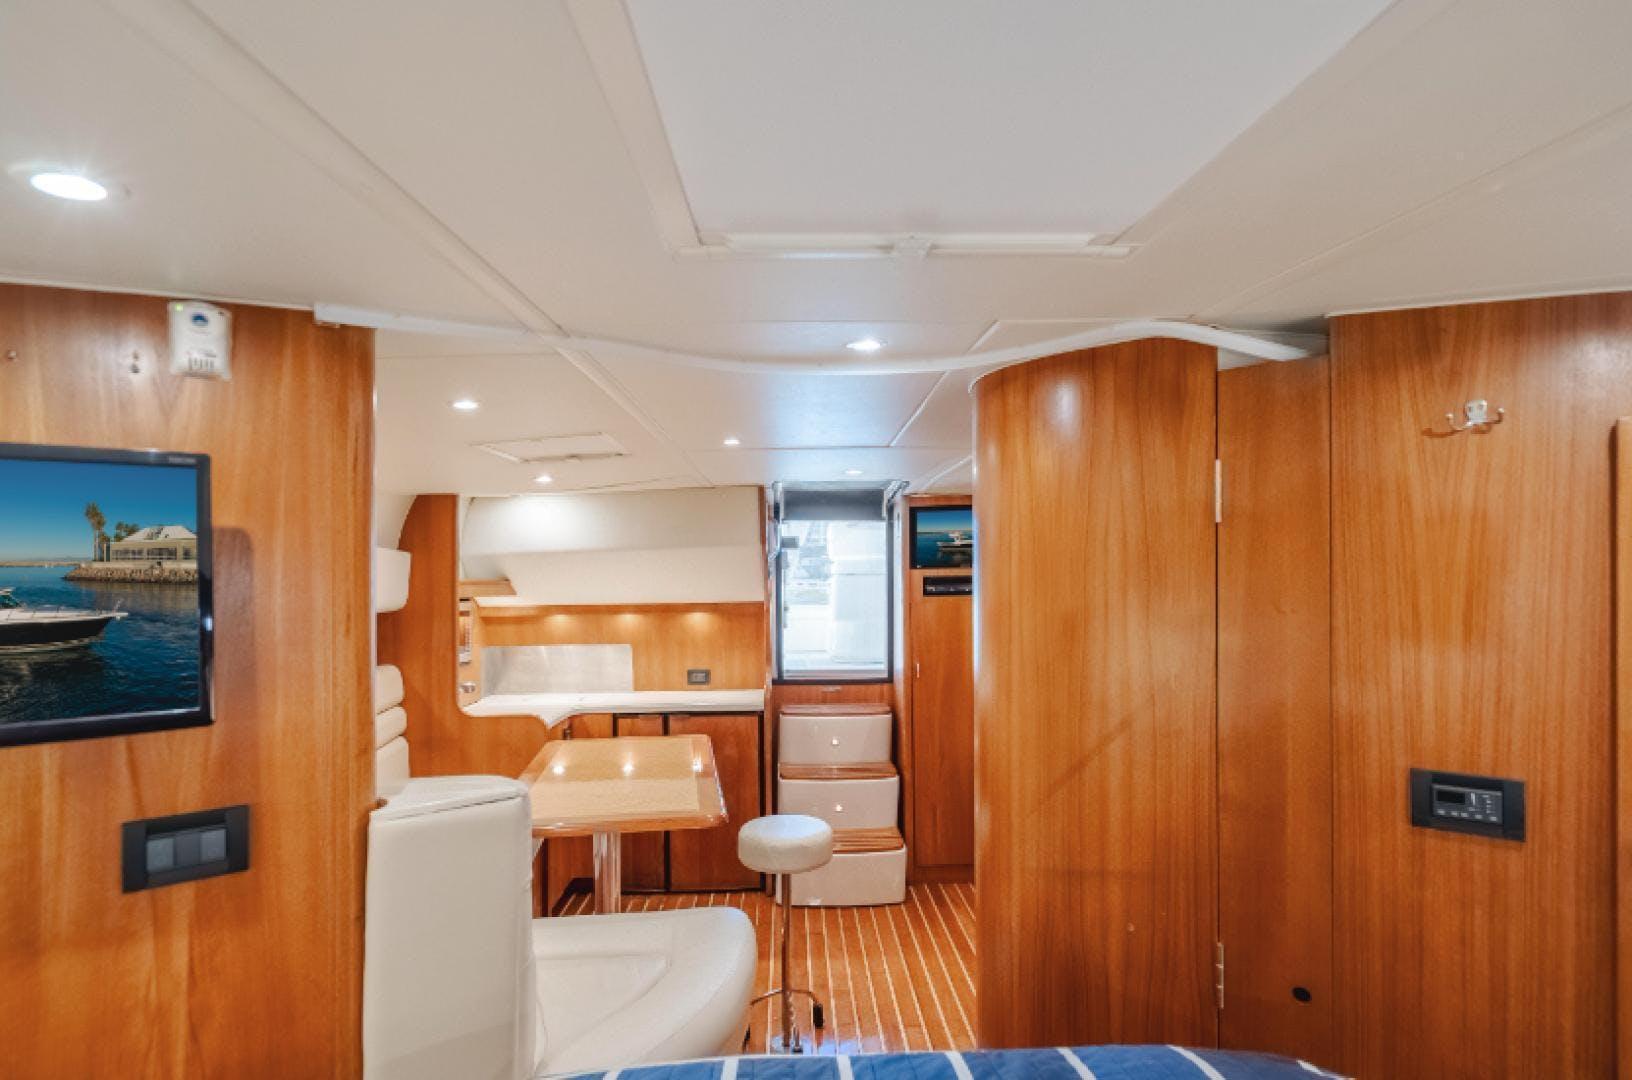 2005 Tiara Yachts 38' 38 Open Desperado | Picture 6 of 27